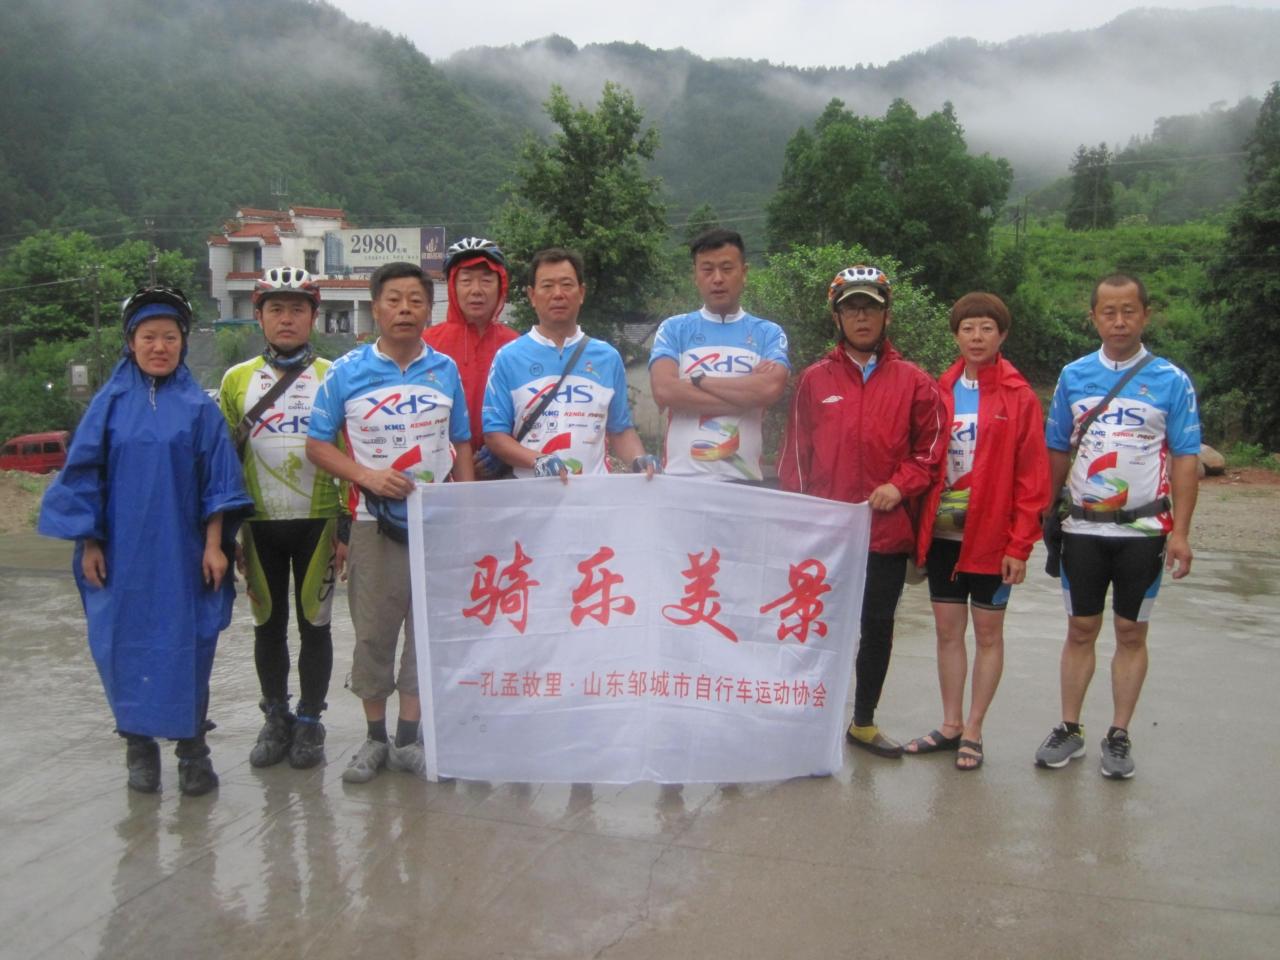 邹城市自行车运动协会-江西瑶里古镇